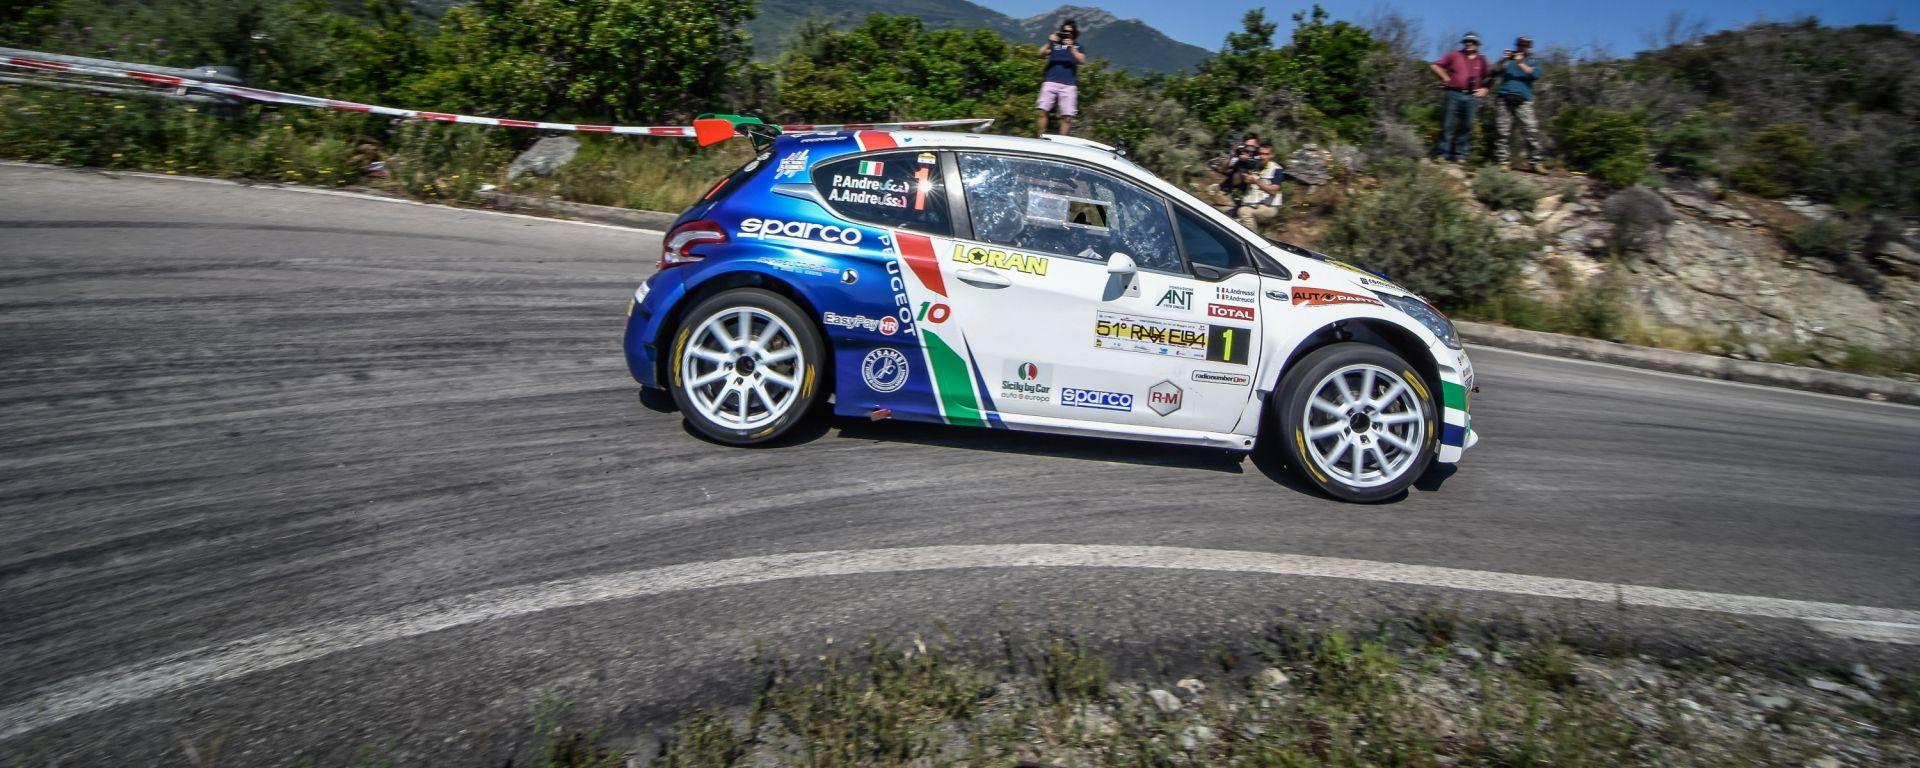 Peugeot Sport Italia all'attacco del Rally di San Marino 2018